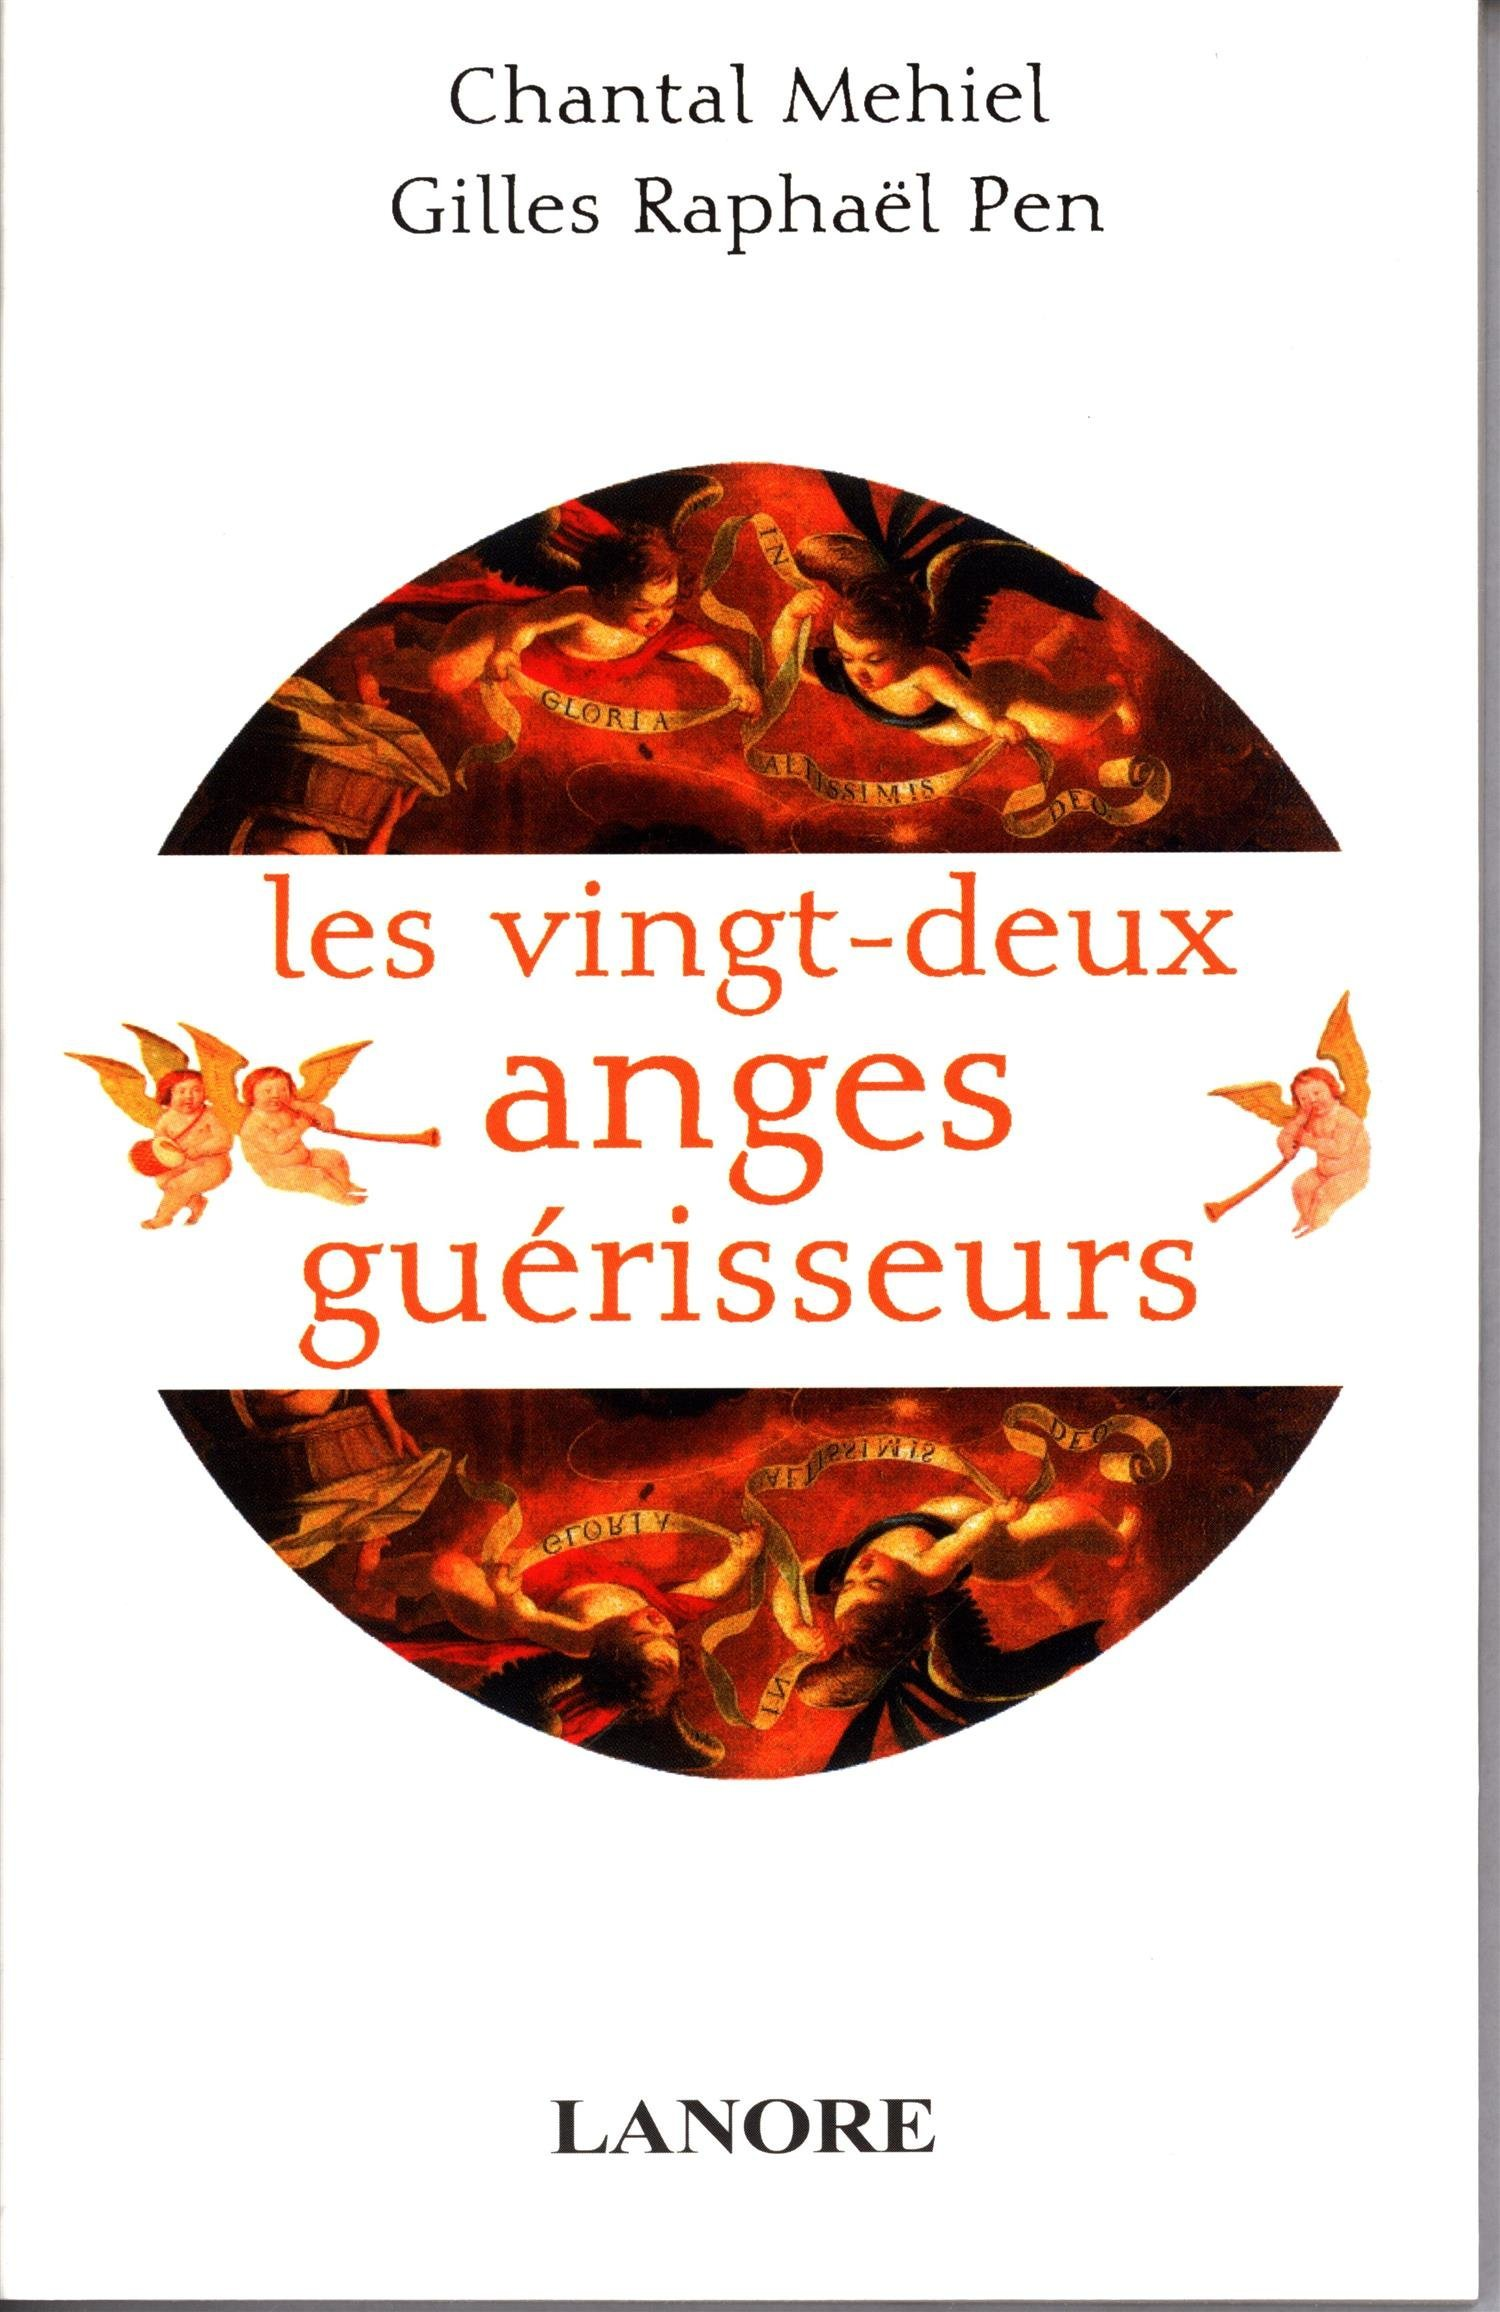 Les 22 anges guérisseurs : Angéologie médicale Broché – 5 juin 1996 Chantal Mehiel Gilles-Raphaël Pen Fernand Lanore 2851571516